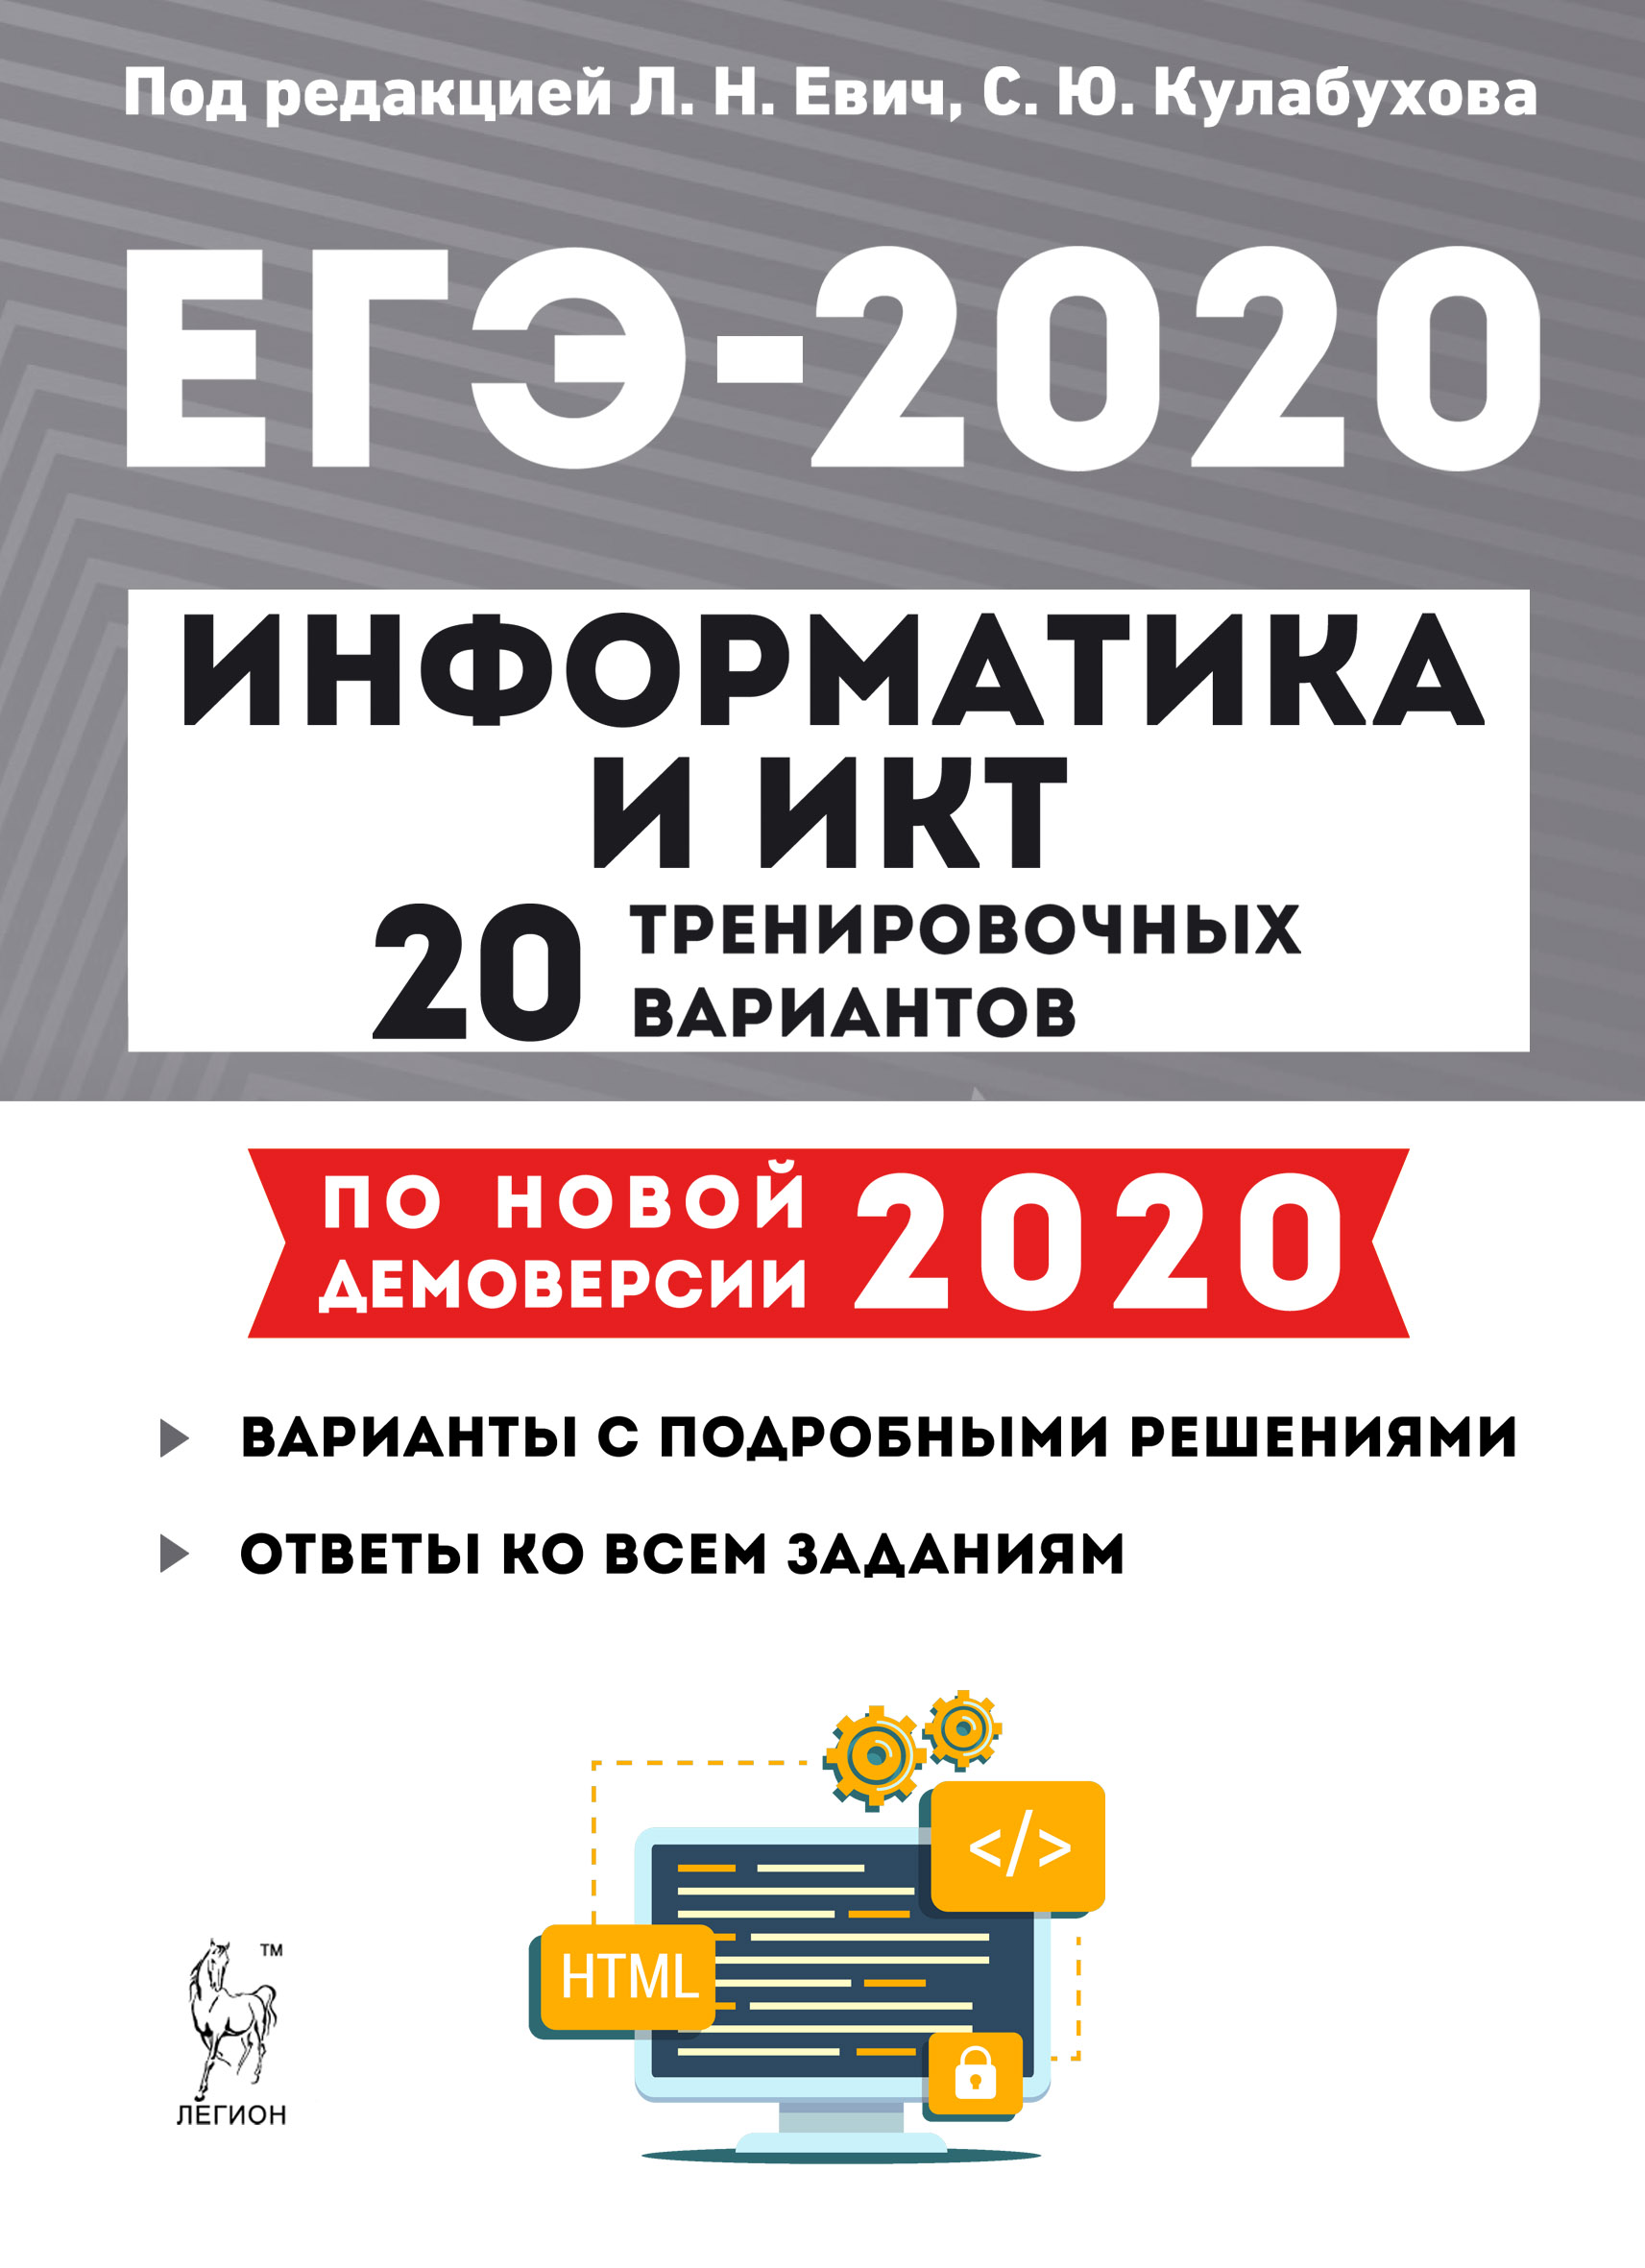 Структура и изменения егэ-2021 по информатике